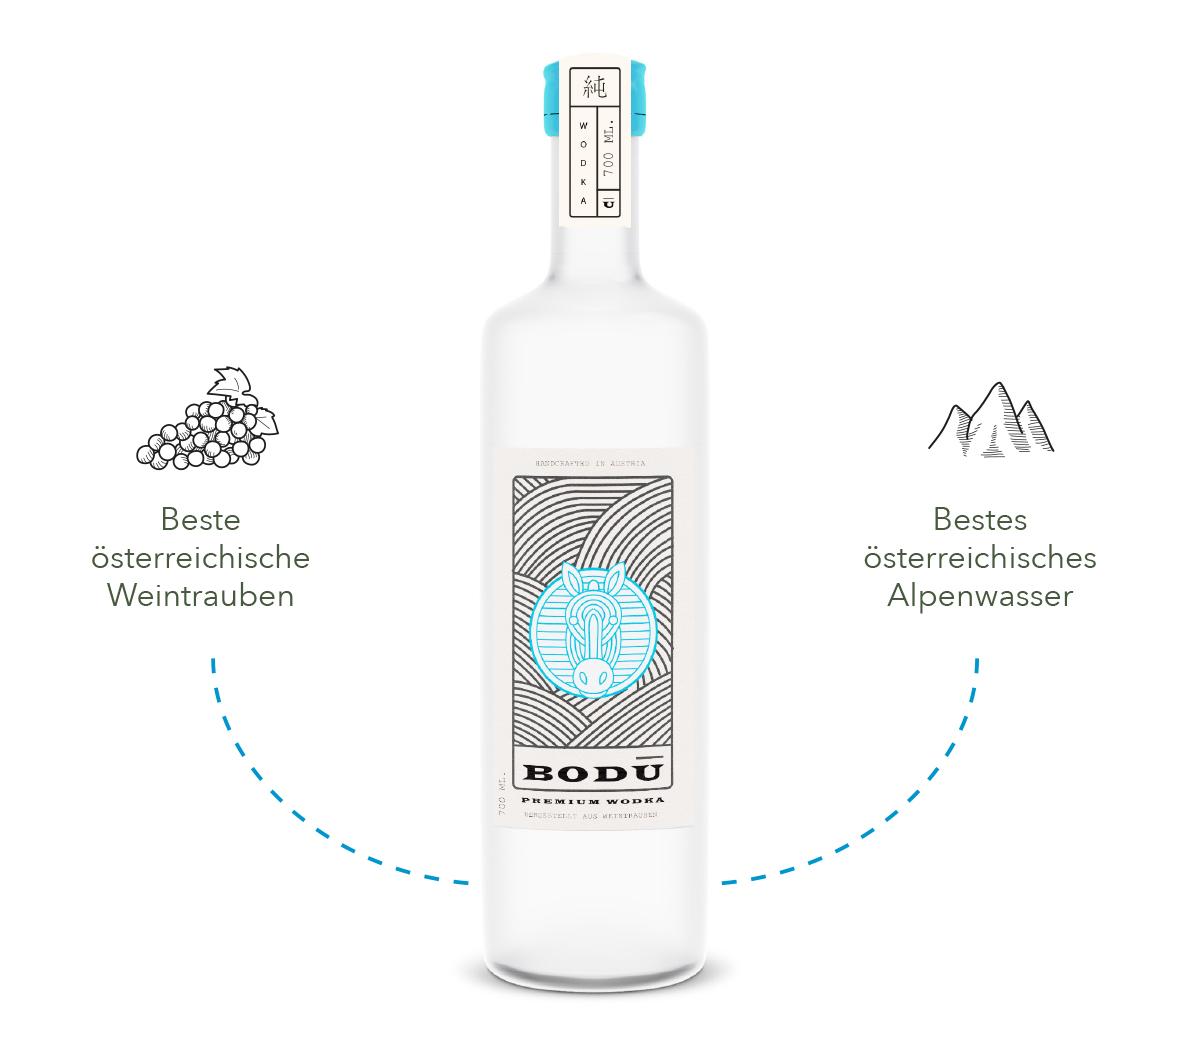 BODU-Website-Produkt-Erklärung